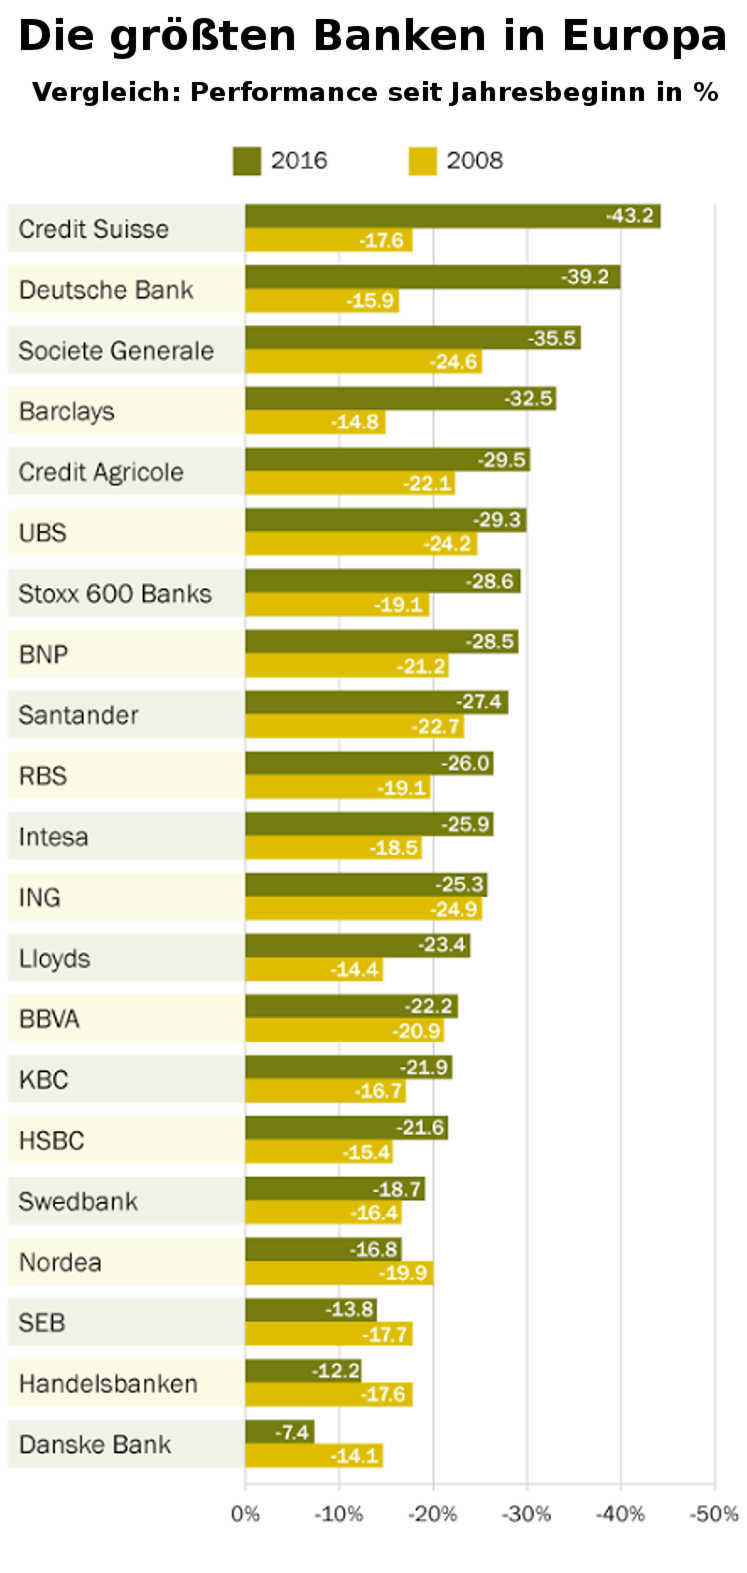 Ertragslage / Performance Vergleich Banken Europa 2016 zu 2008